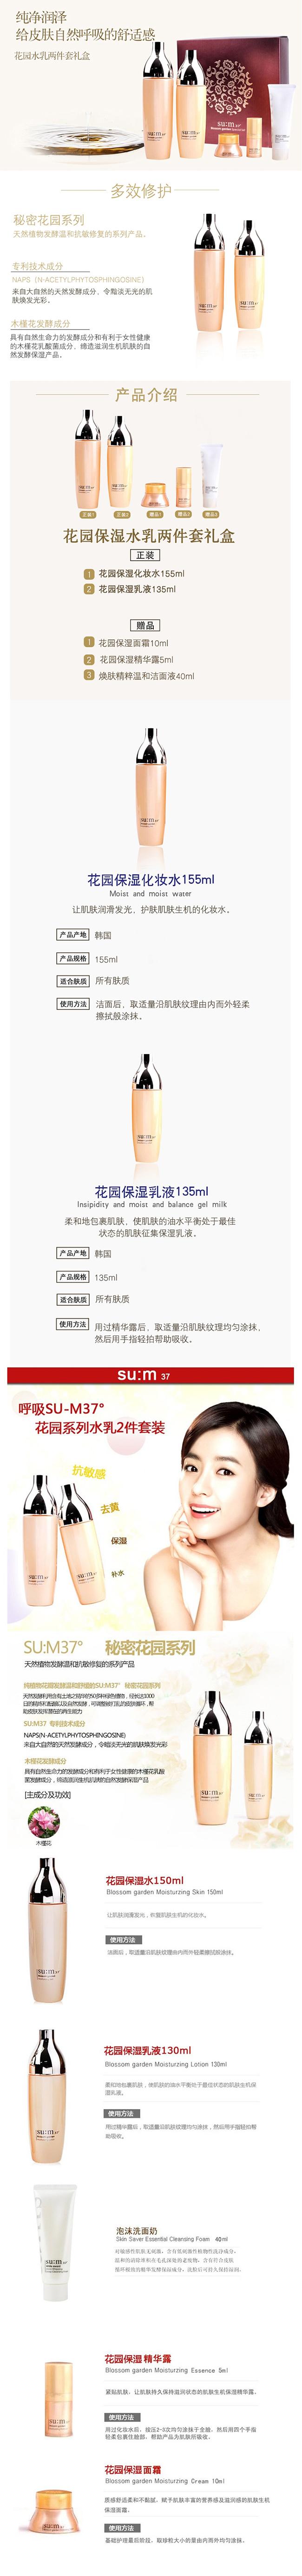 韩国SUM37度苏秘呼吸花园水乳套装5件套-1.jpg